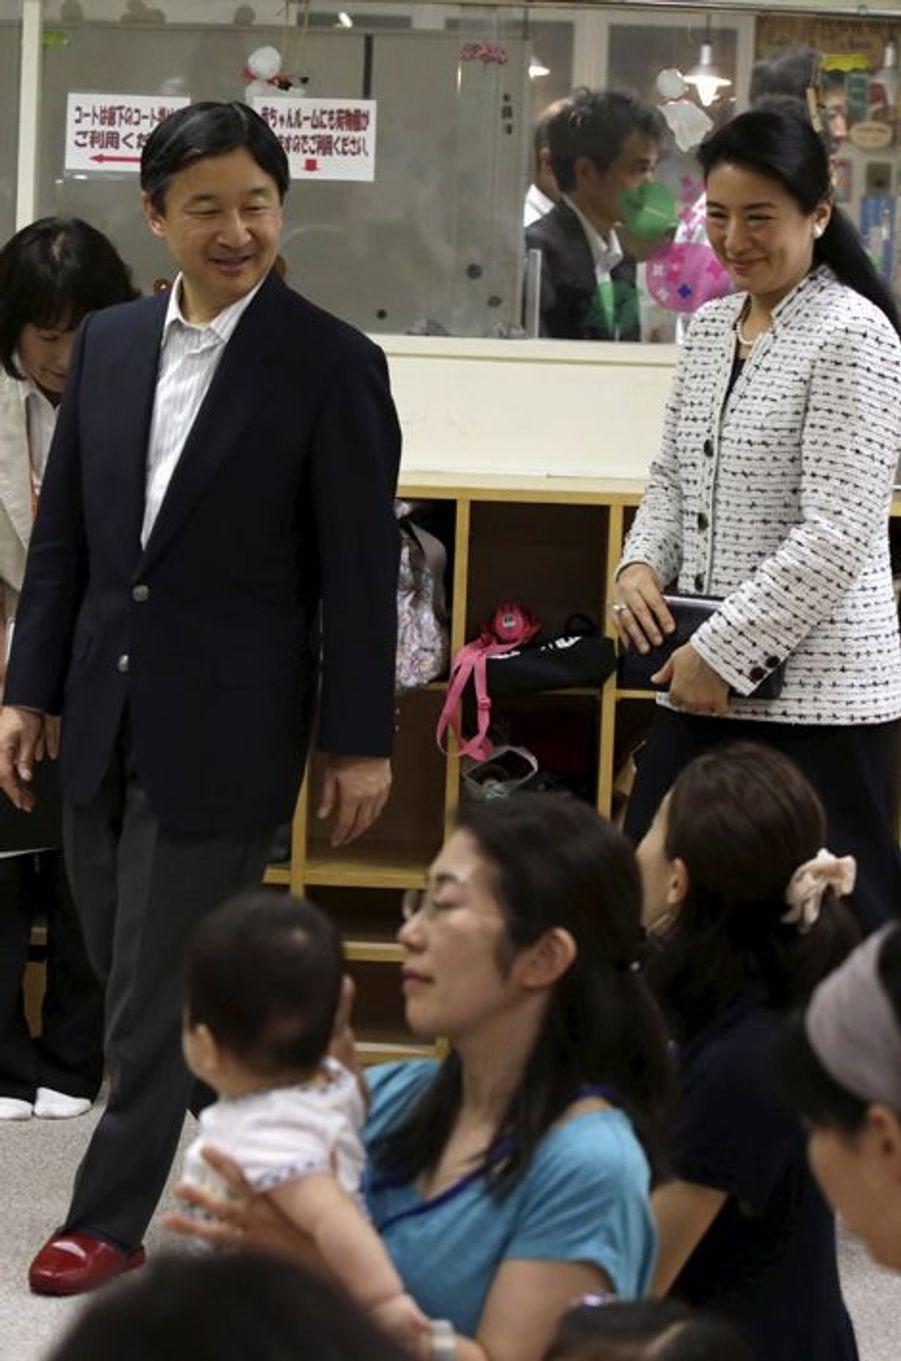 La princesse Masako et le prince Naruhito du Japon visitent une crèche à Tokyo, le 16 juin 2015